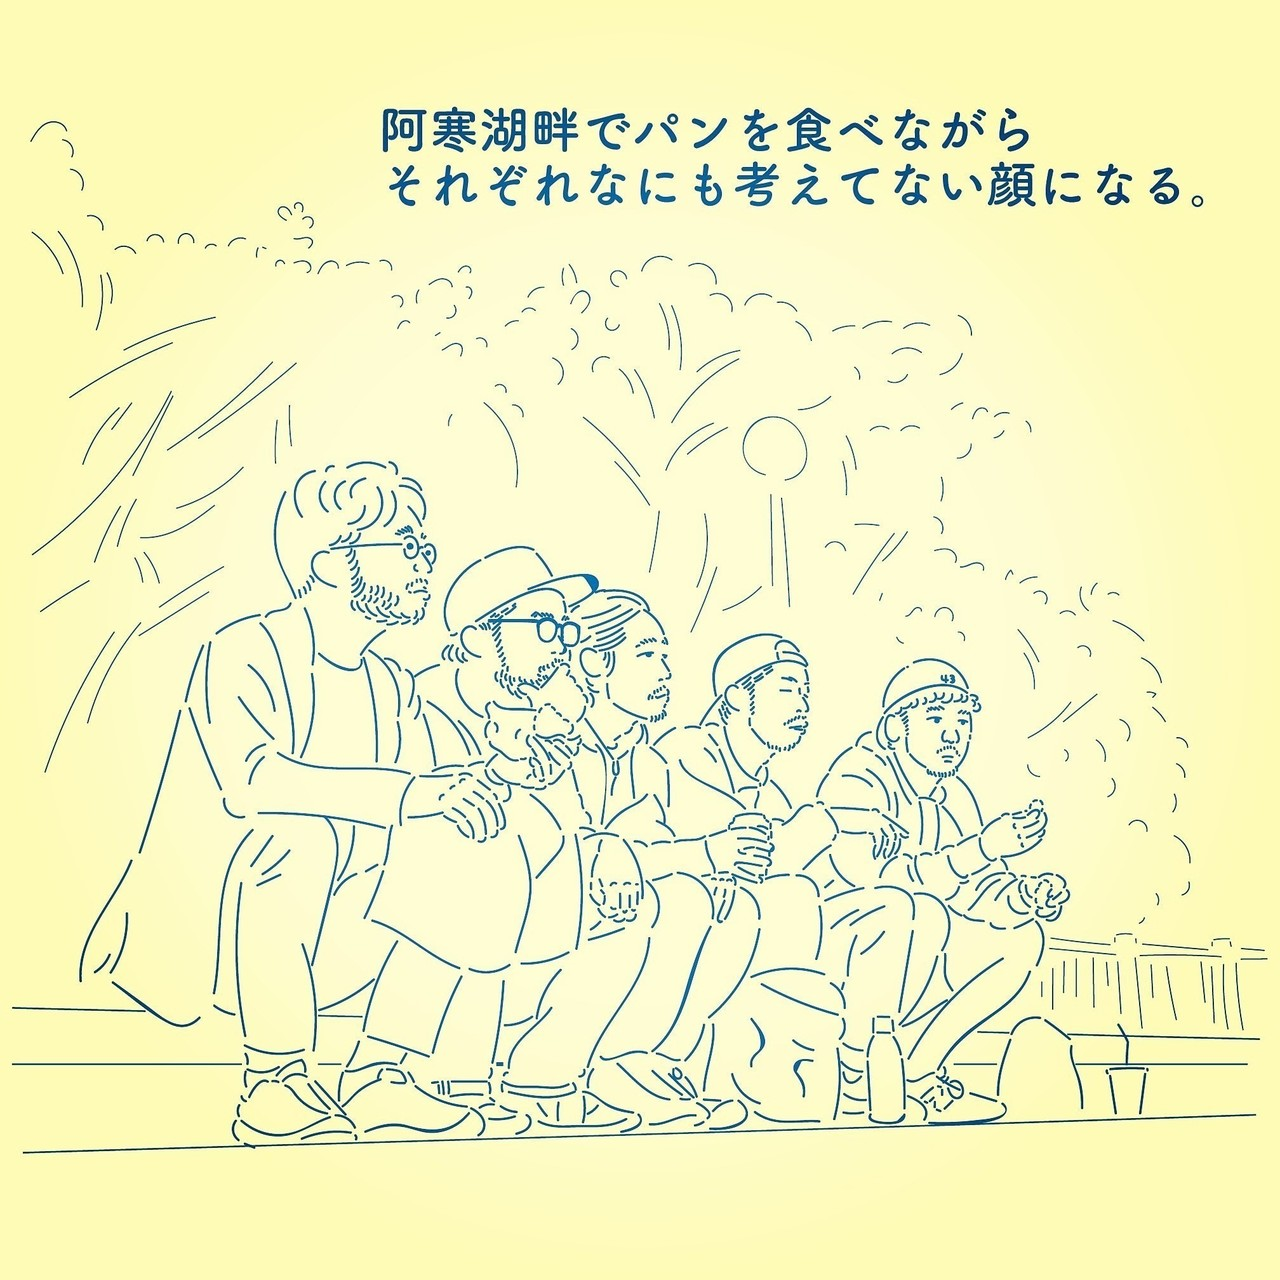 記事はこちらから http://www.canworks.info/entry/nouten_chokugeki